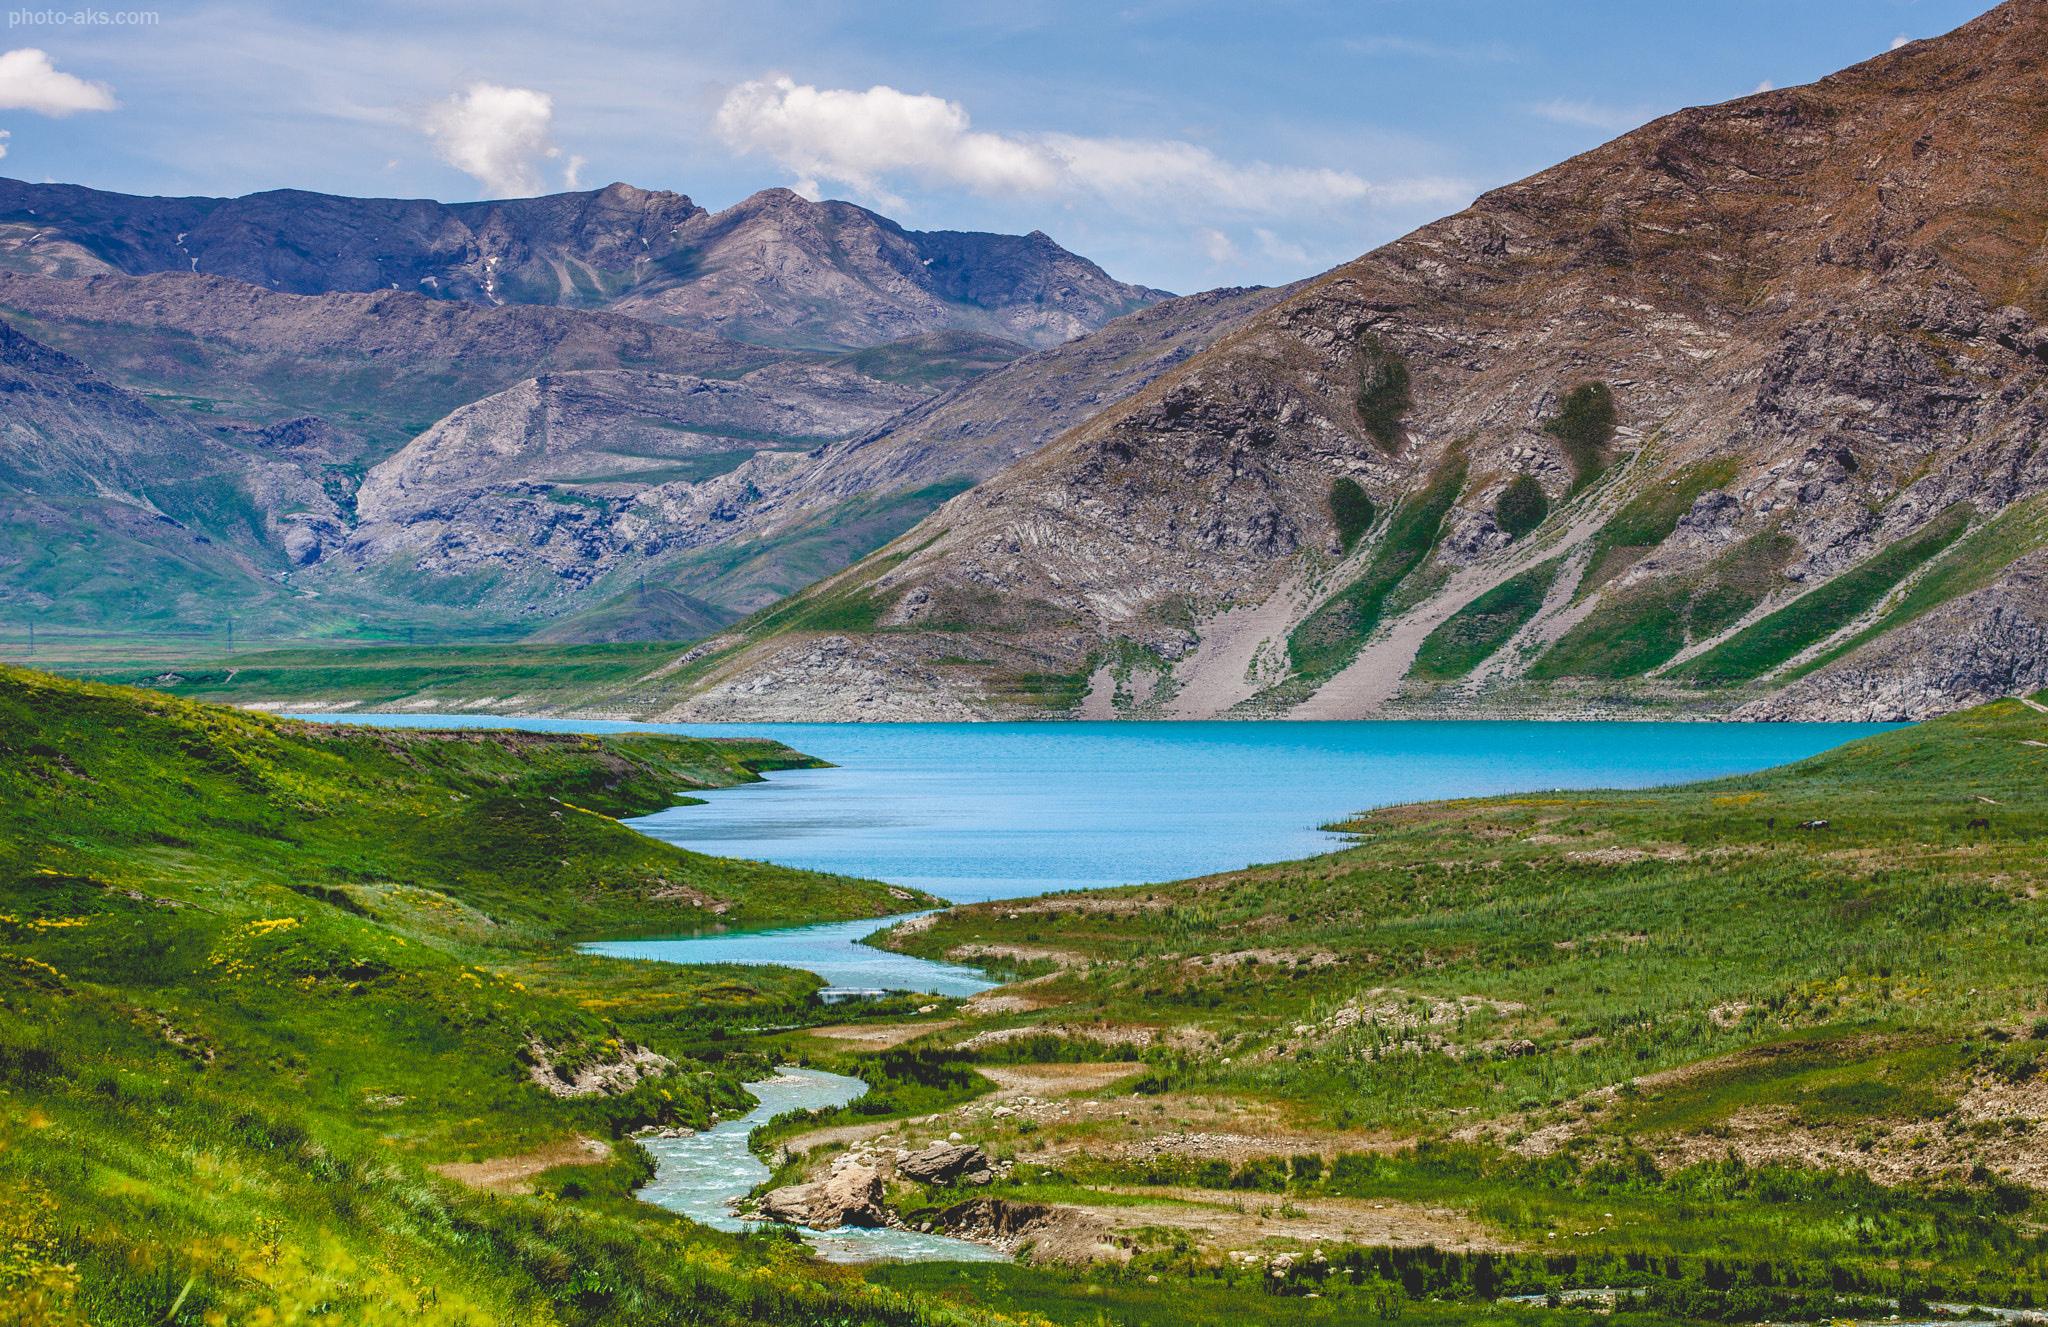 دشت سیاه پالاس ، پارک ملی لار رودهن